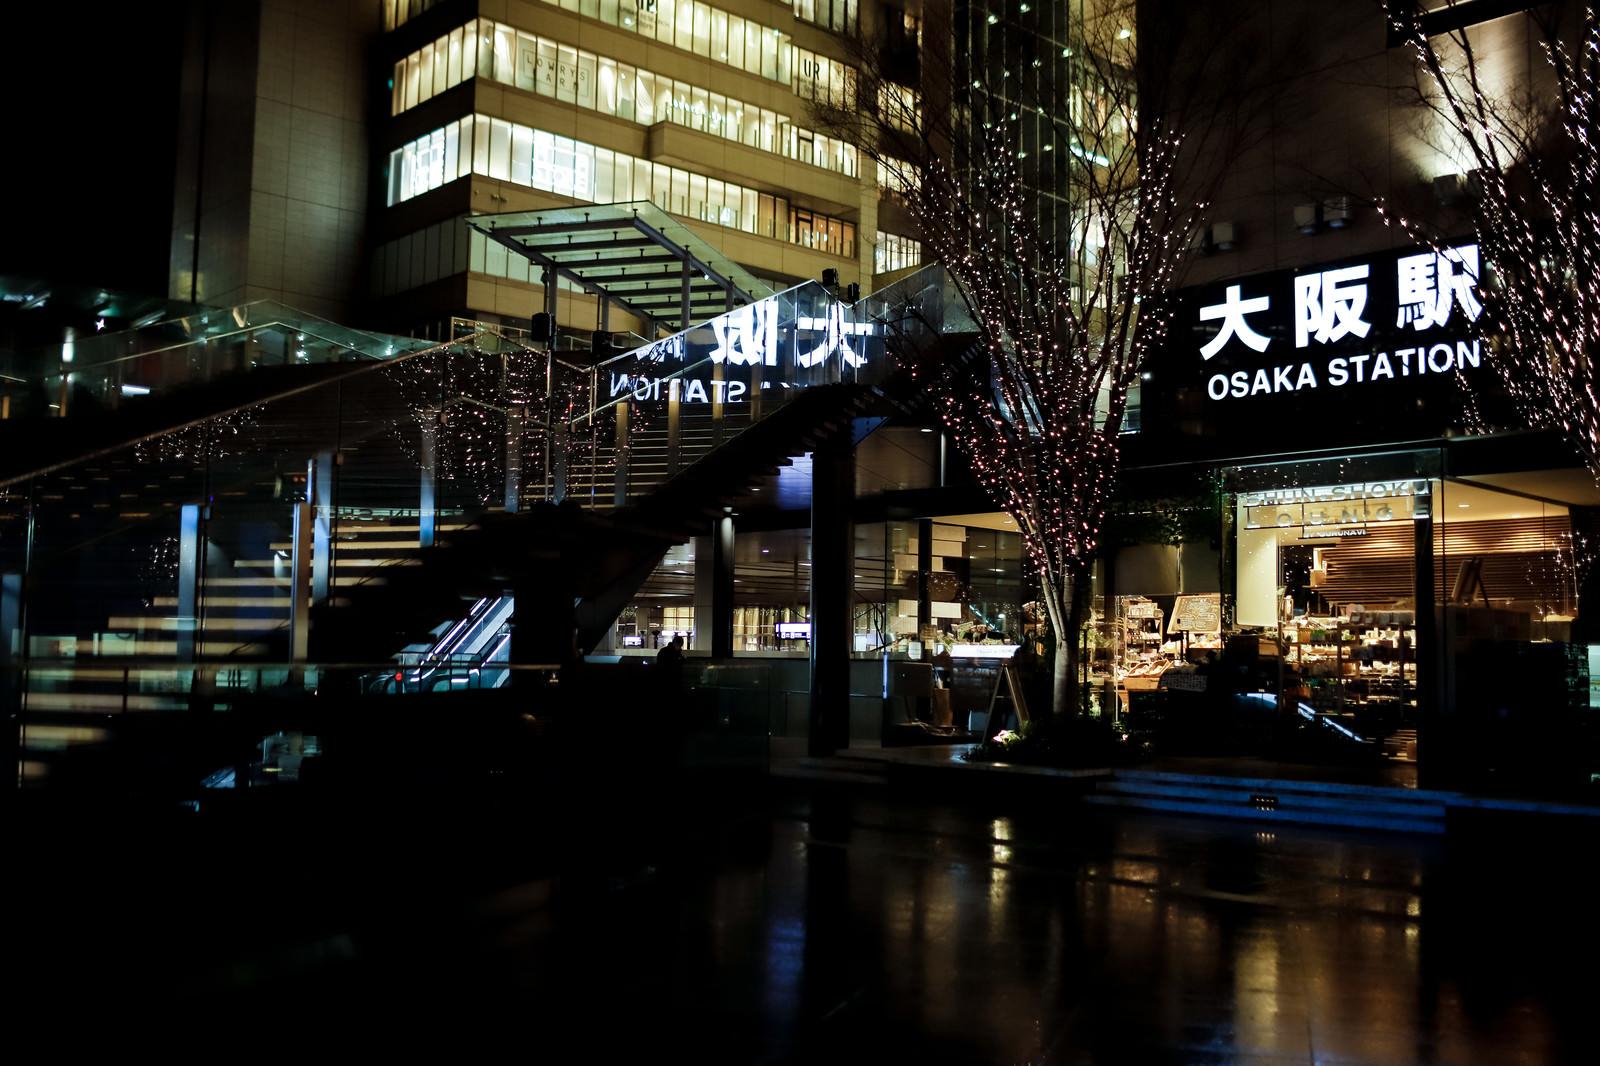 「雨上がりの大阪駅前の夜景」の写真